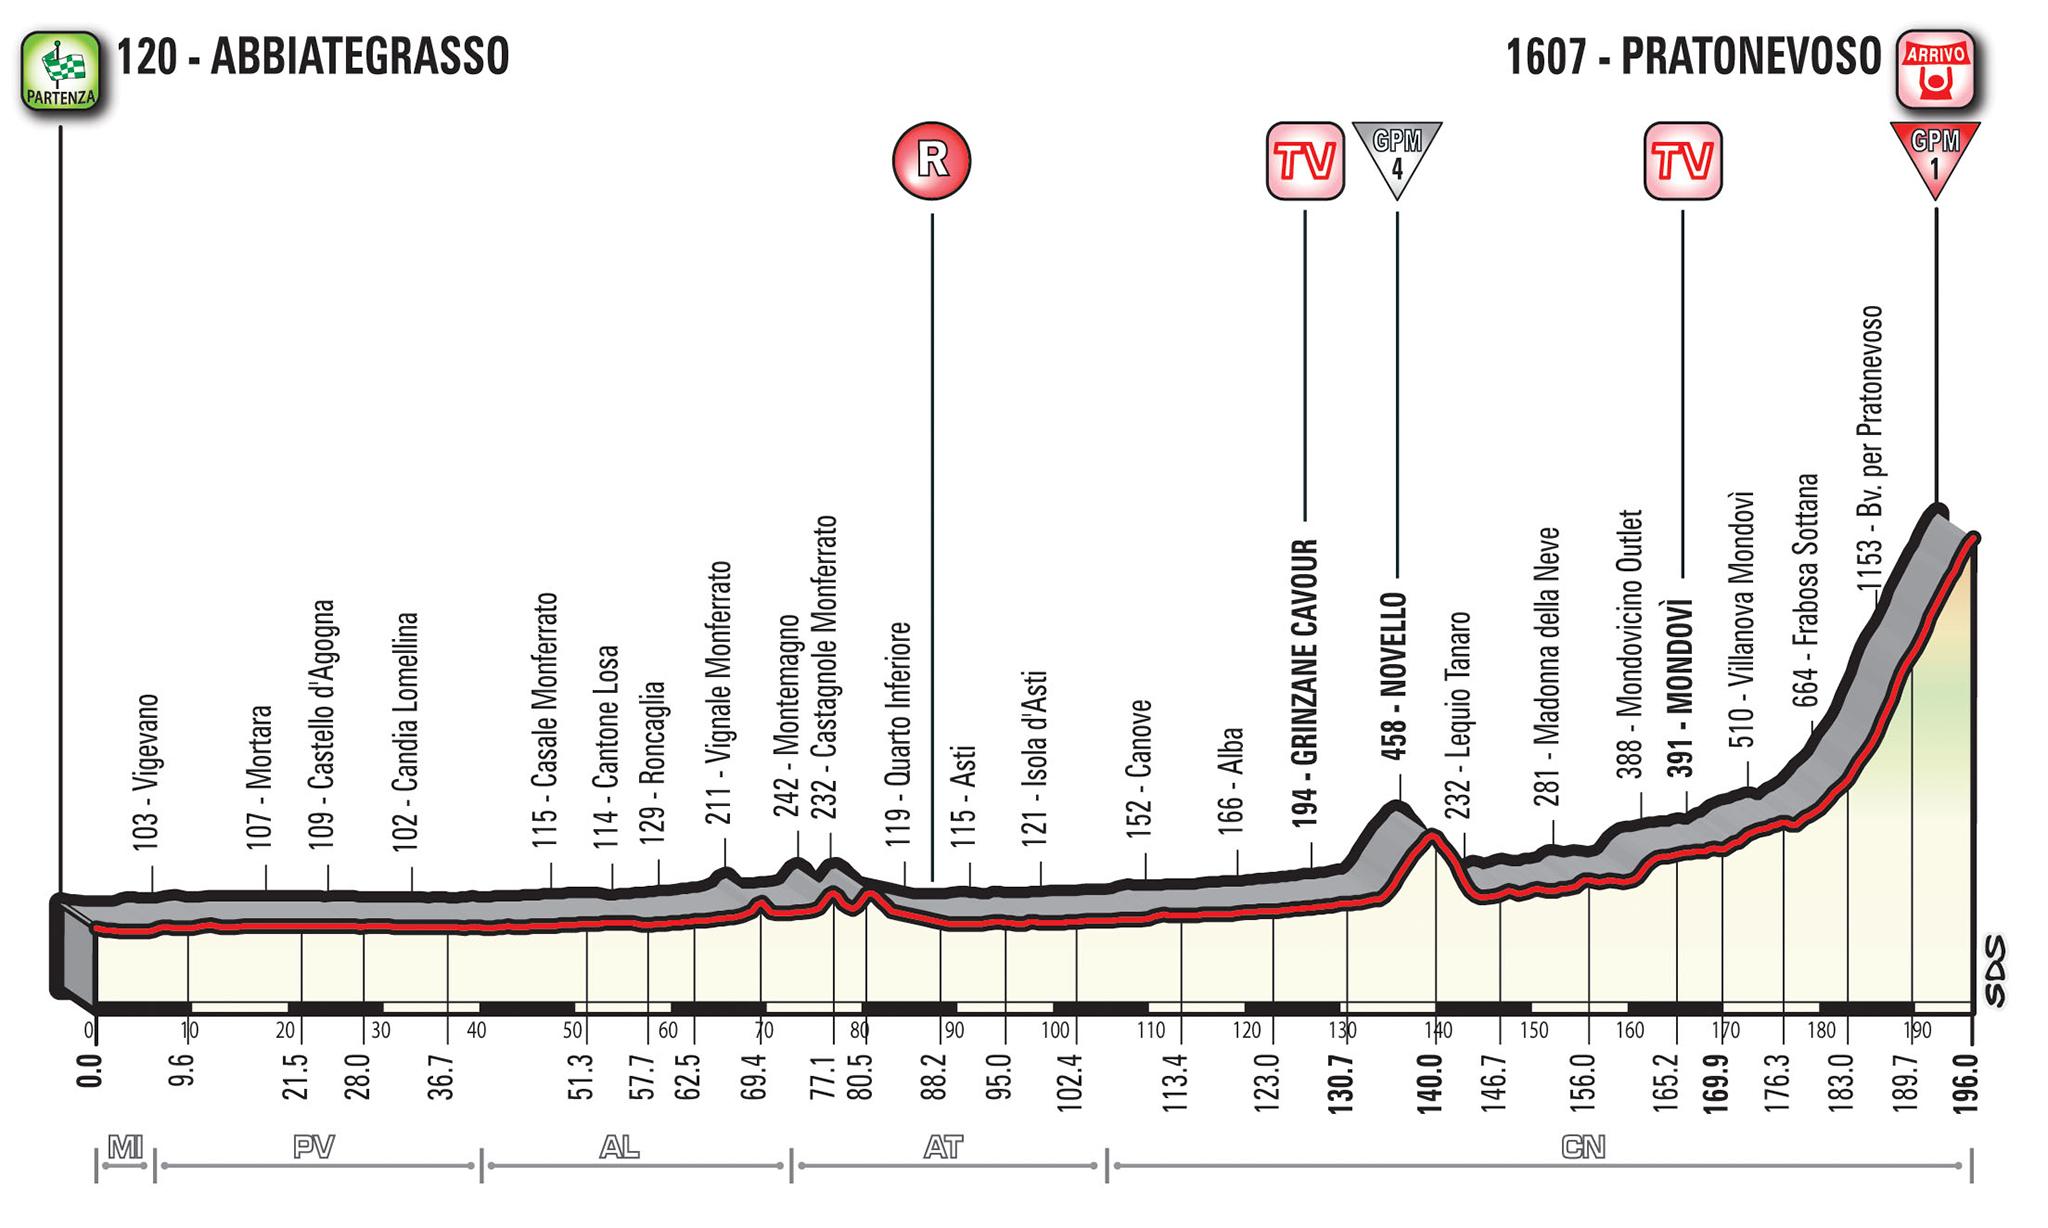 18e etappe Giro d'Italia 2018